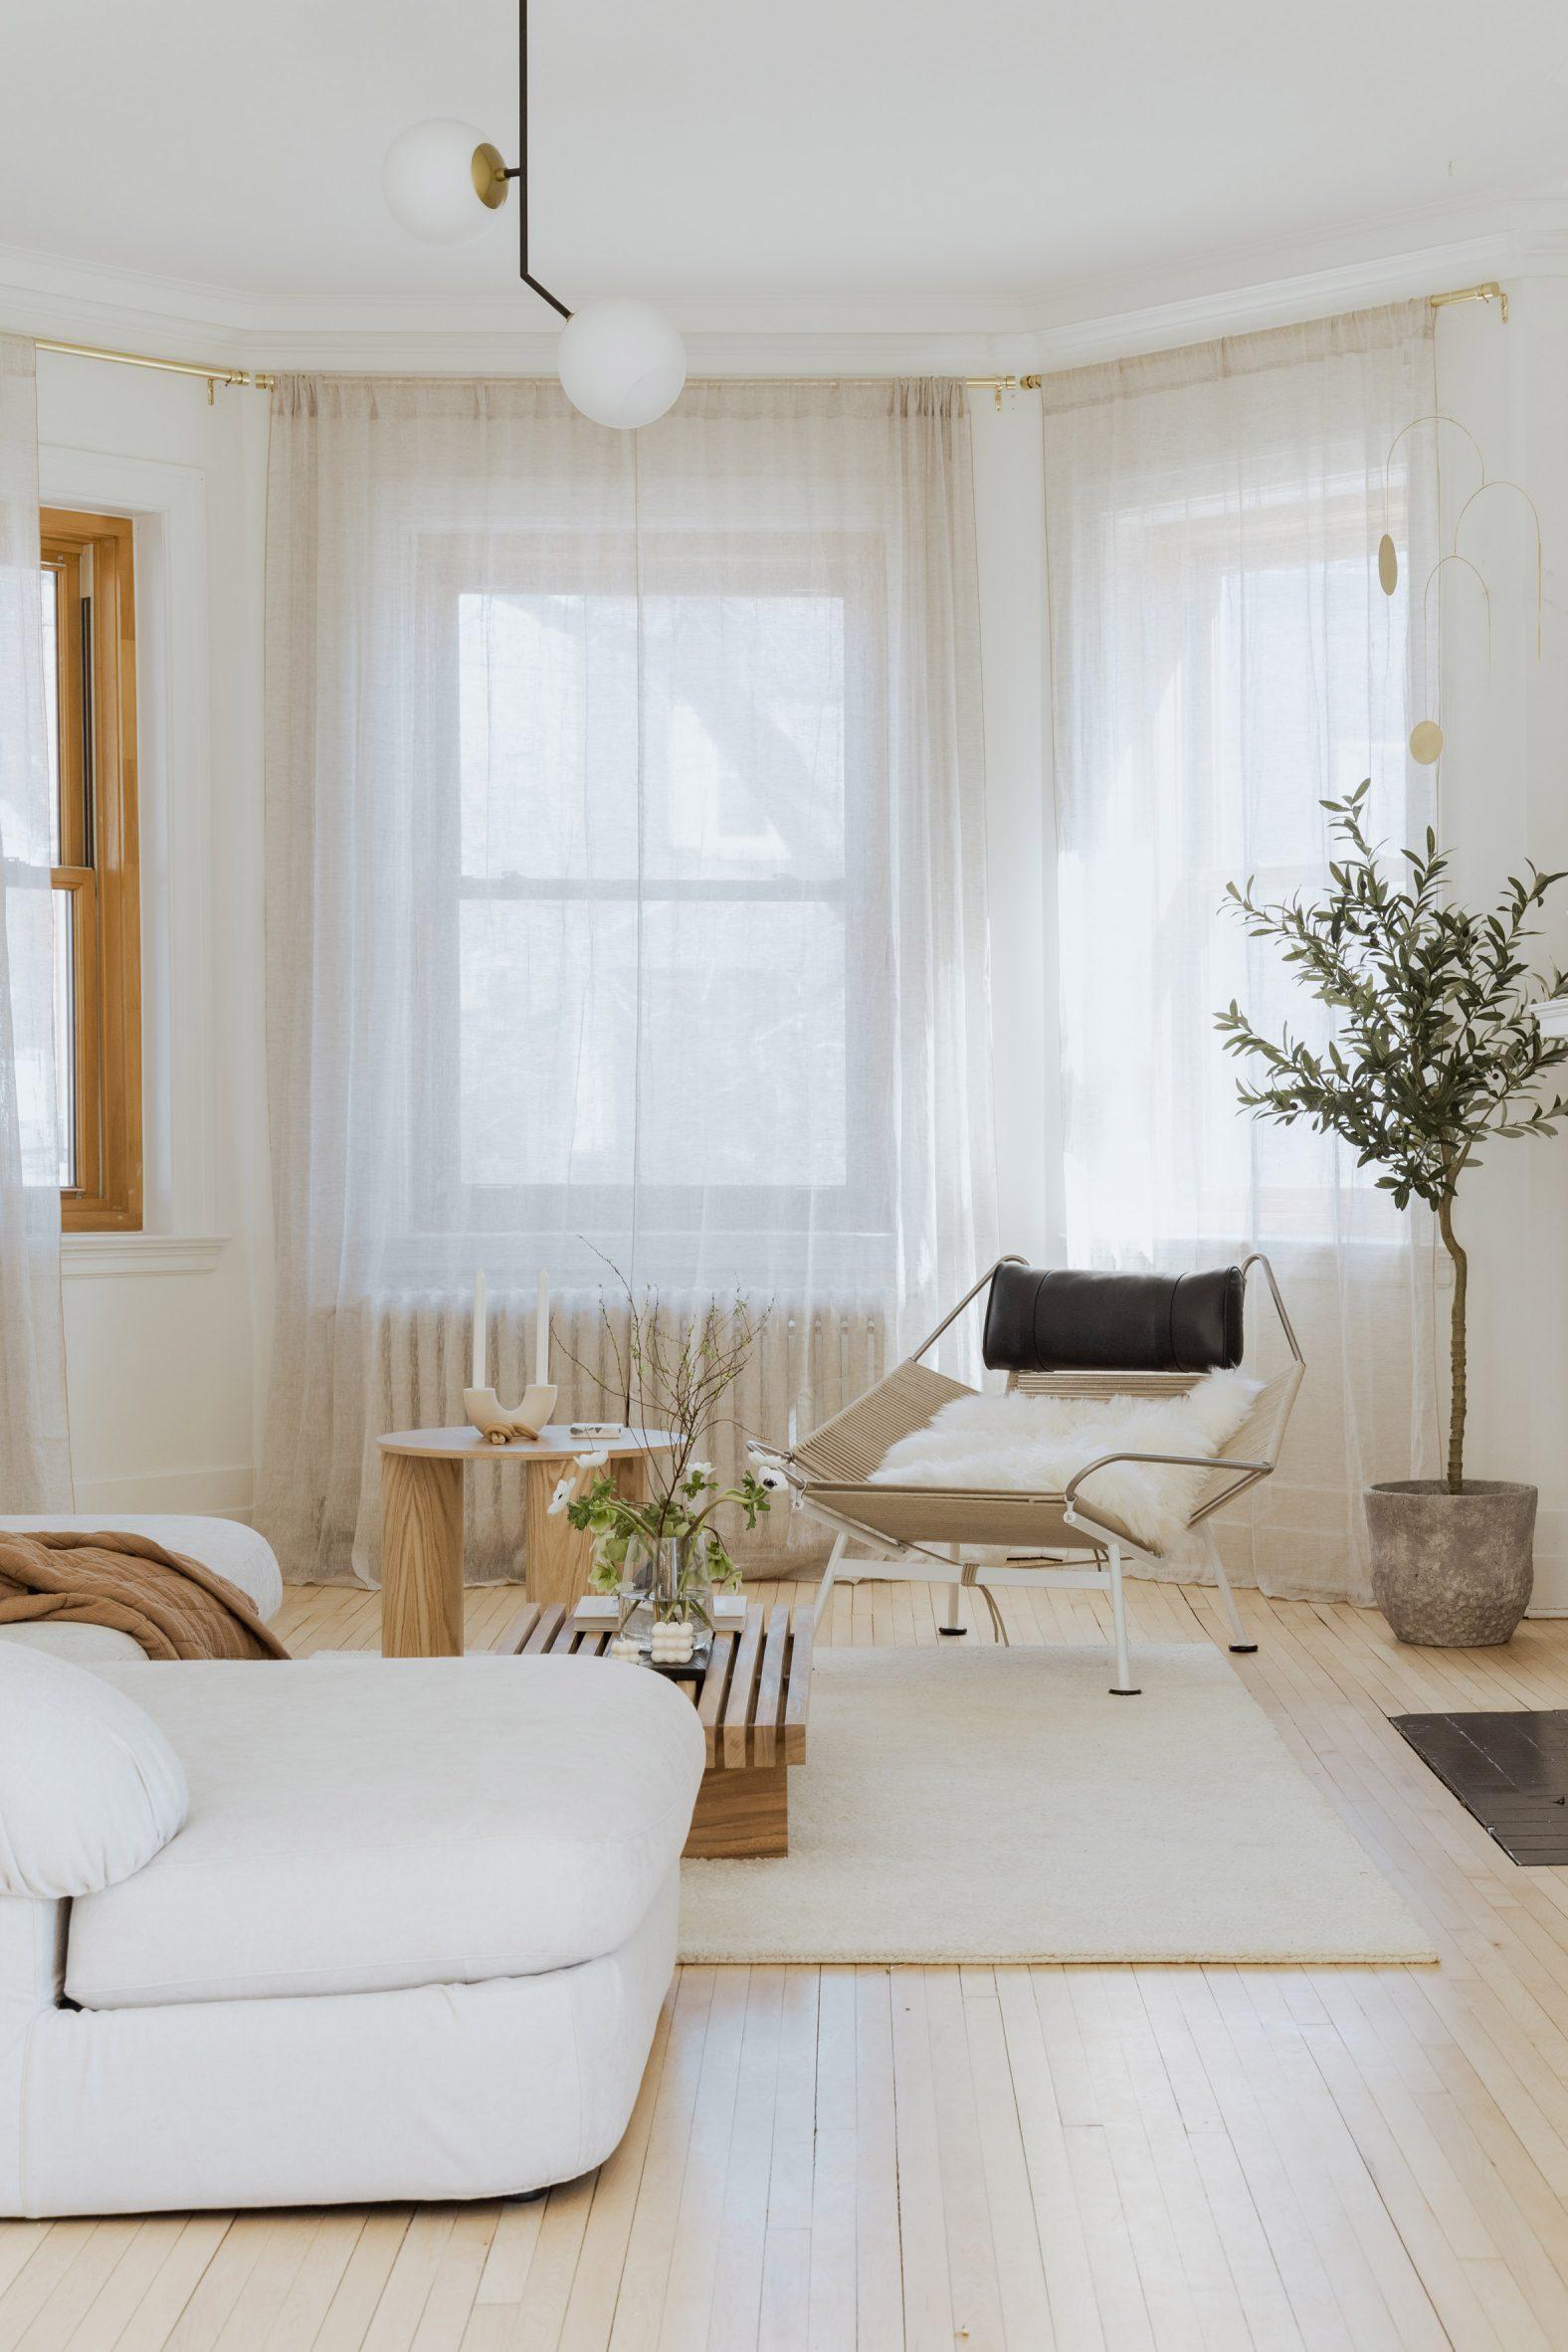 Những thiết kế phòng khách trang nhã, tinh tế lấy cảm hứng từ phong cách Nhật - Ảnh 2.